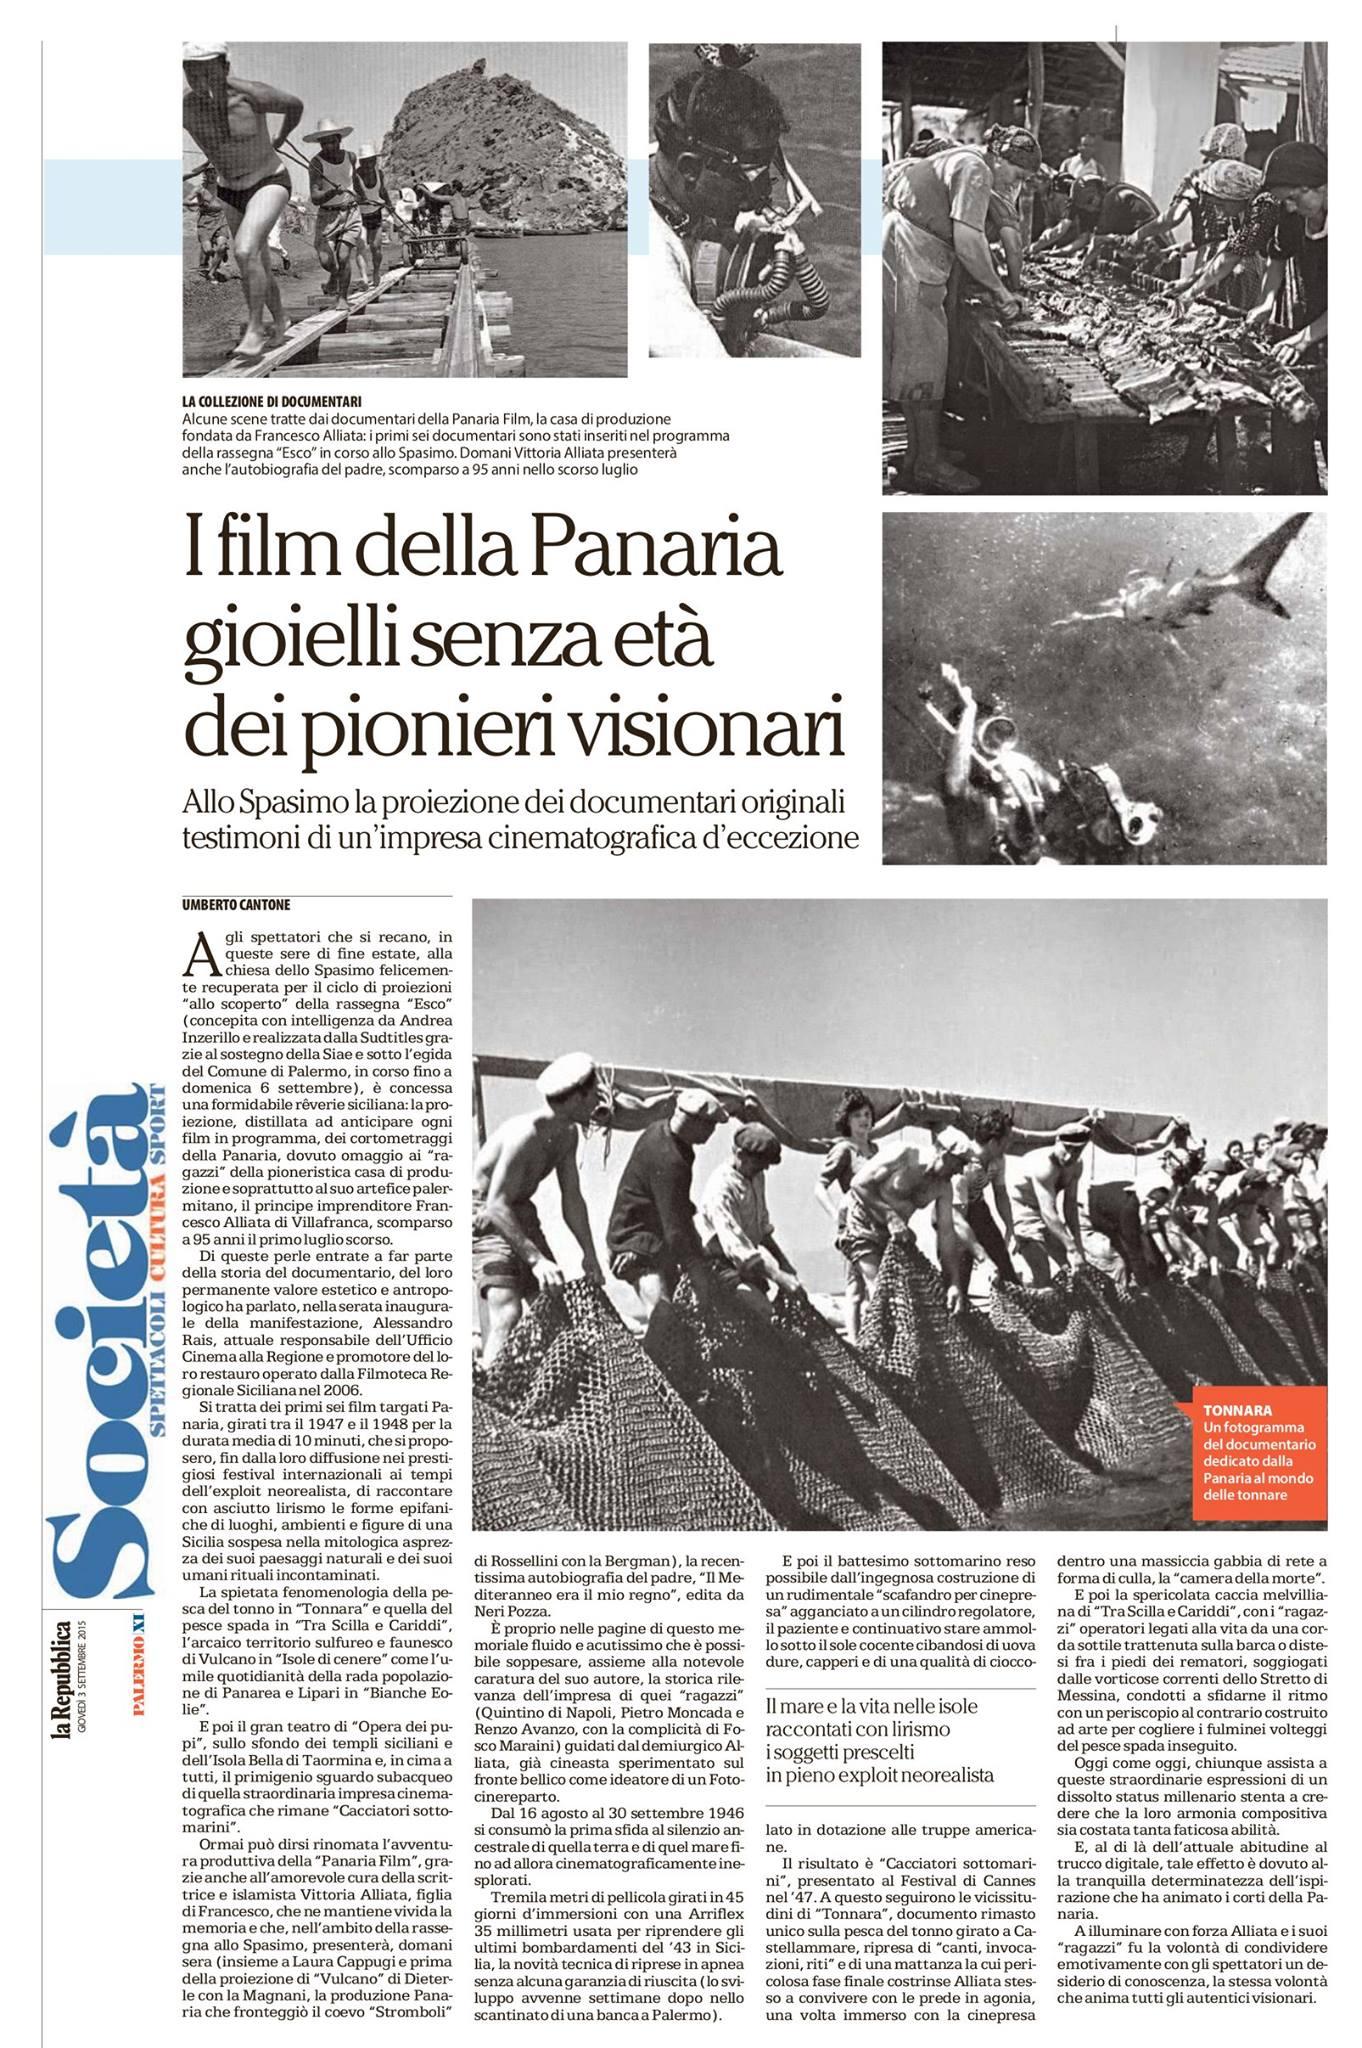 I film della Panaria, gioielli senza età dei pionieri visionari